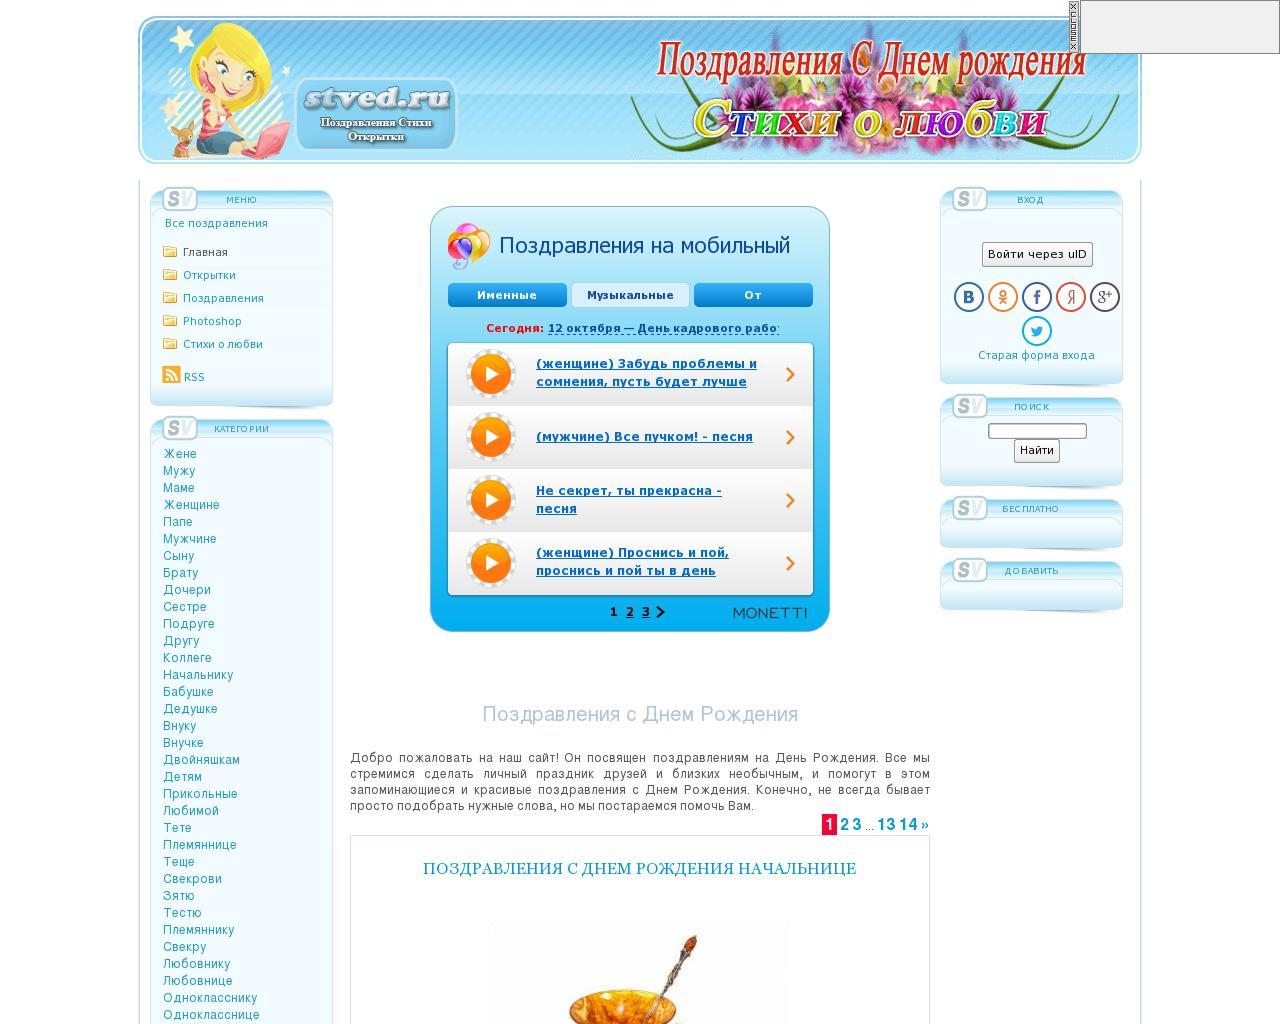 Сделать сайт с поздравлениями 164